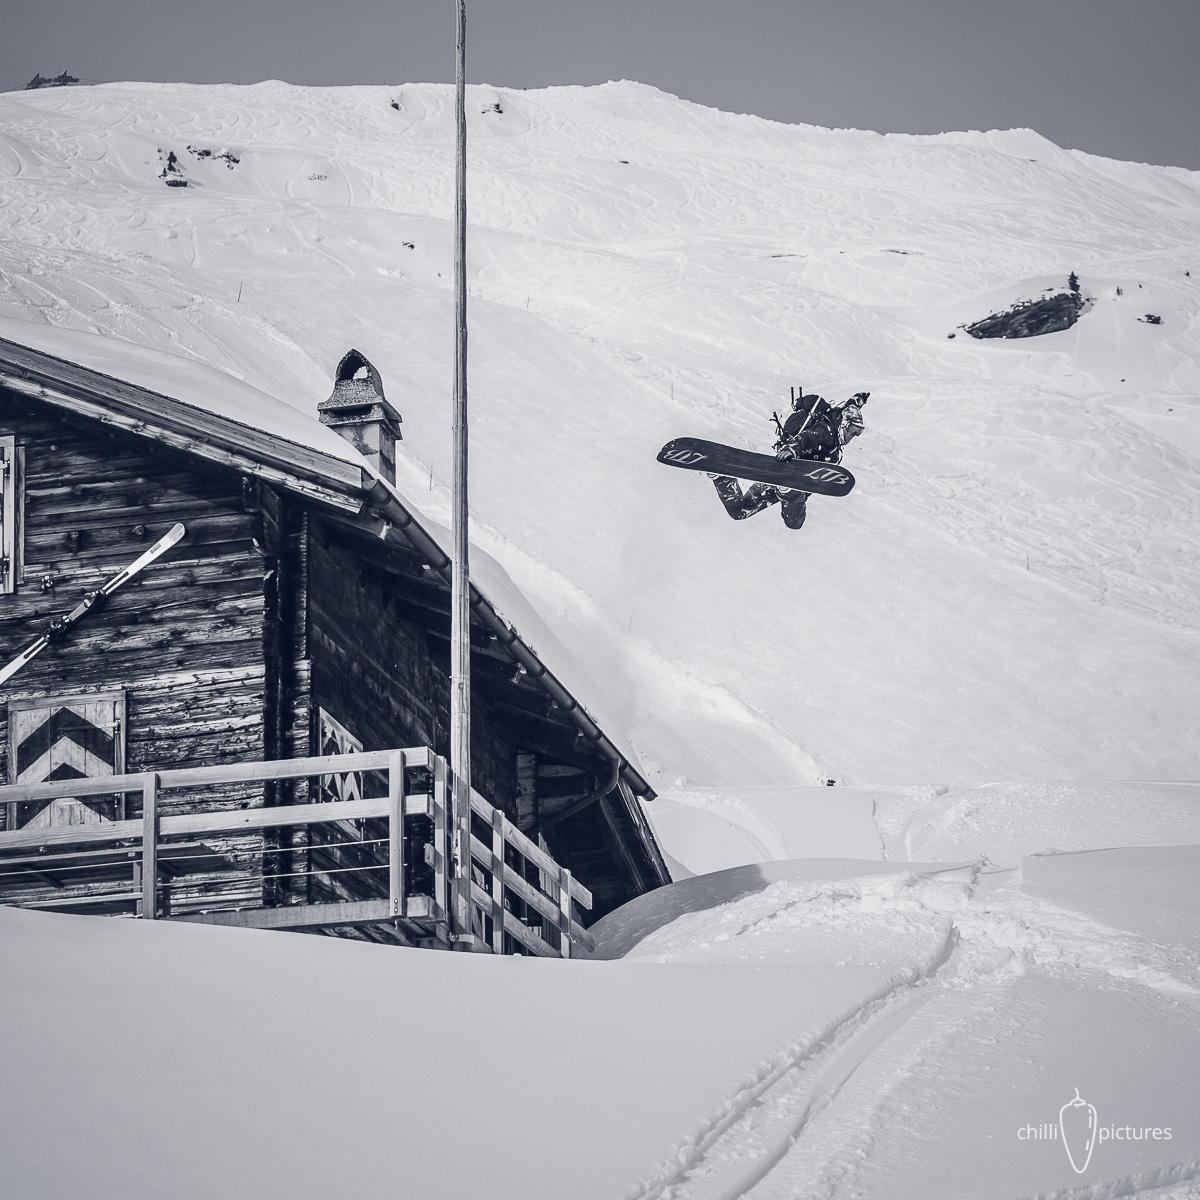 Ein Method auf die alten Zeiten: Reto fliegt an der Hütte vom Skiclub Hasliberg vorbei, in der er schon als Kind übernachtet hat |©Chilli Pictures